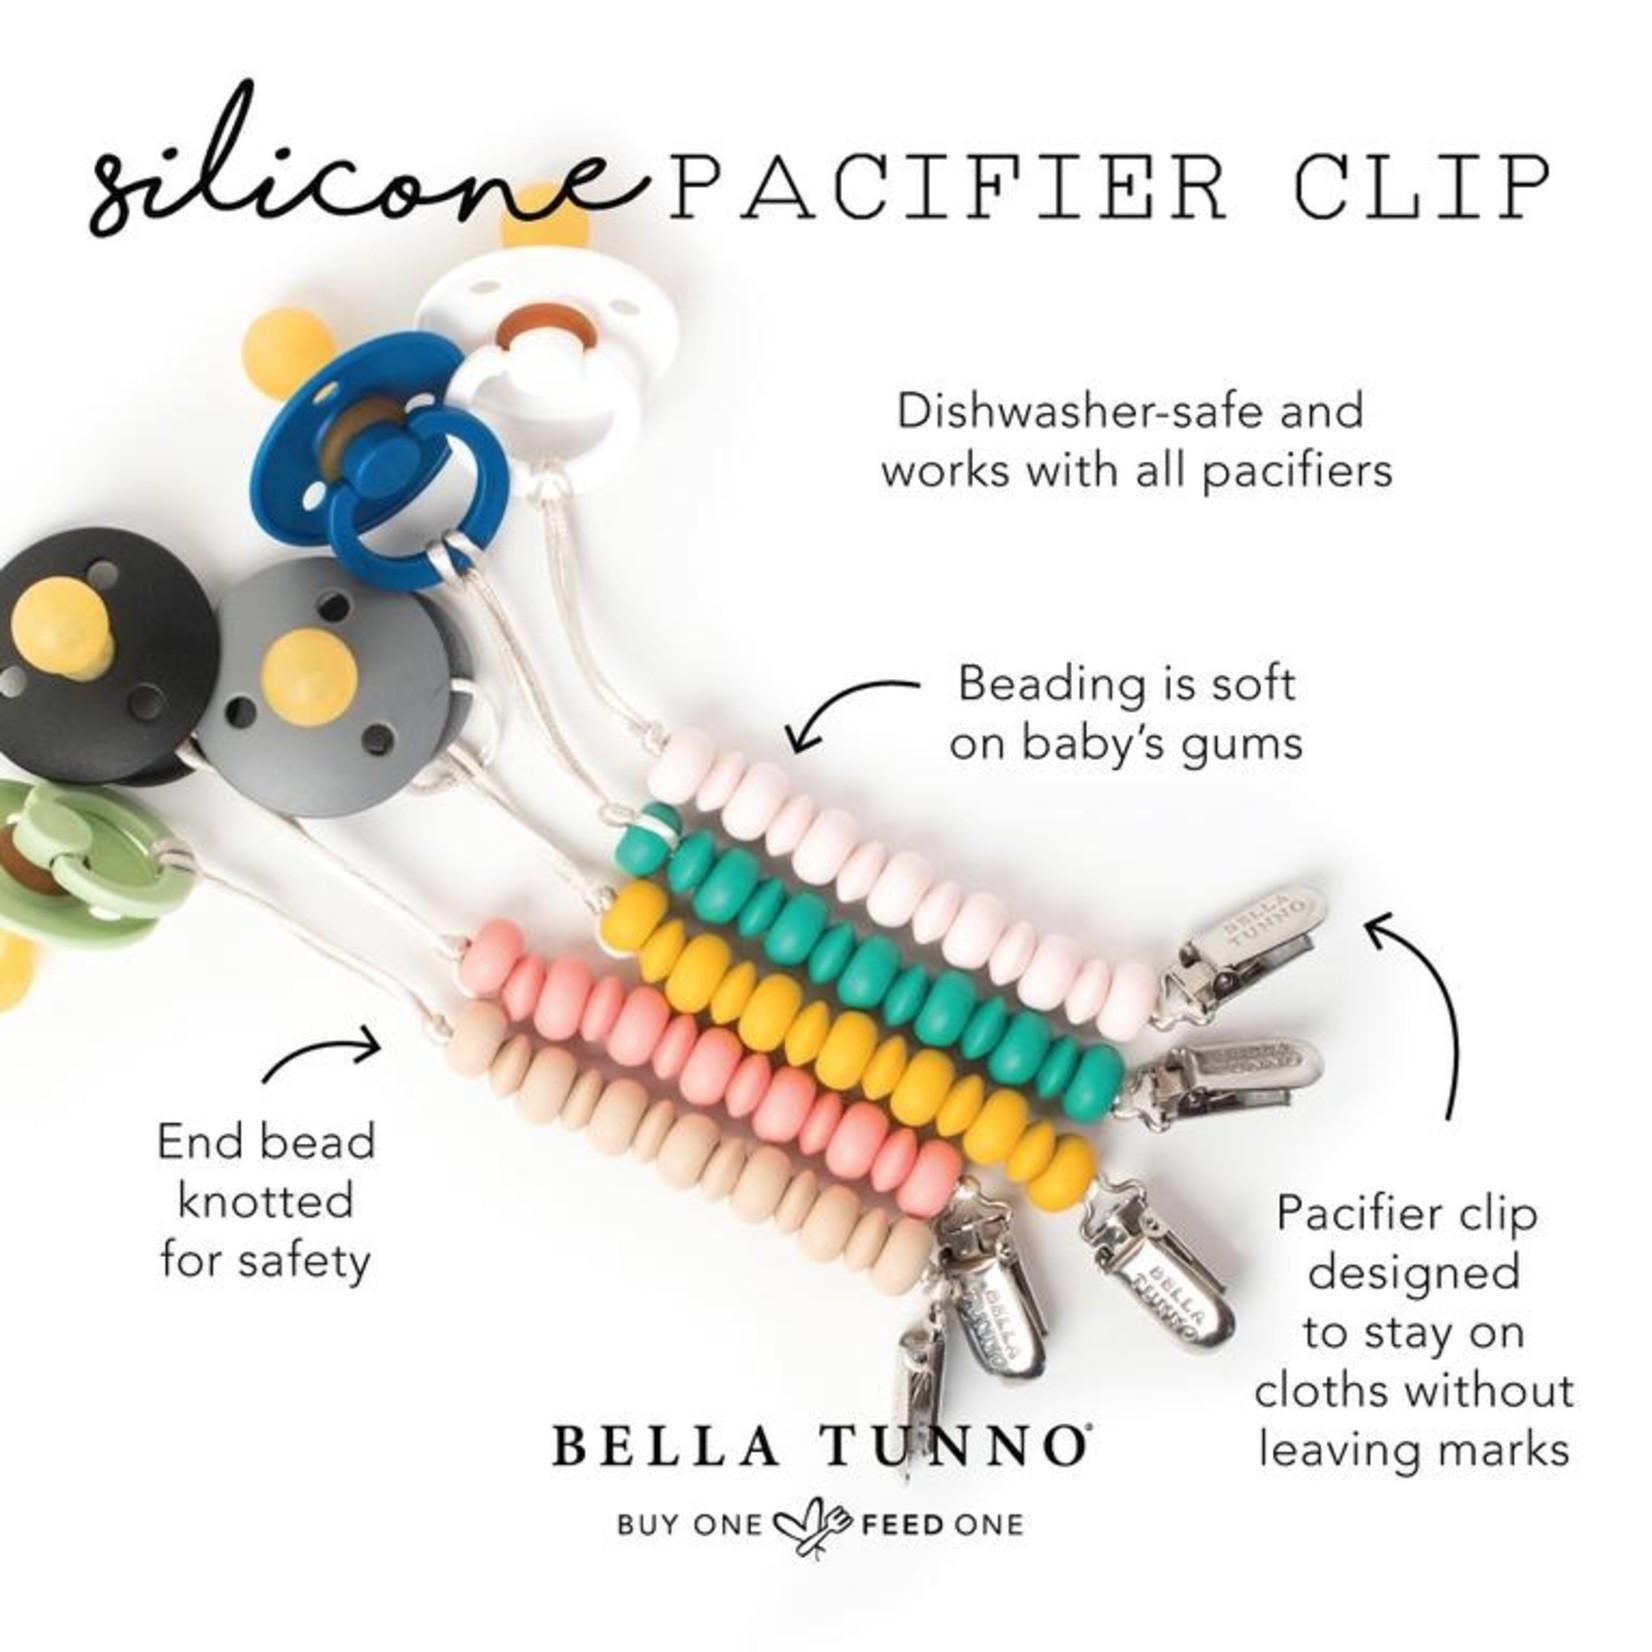 Bella Tunno Pacifier Clip